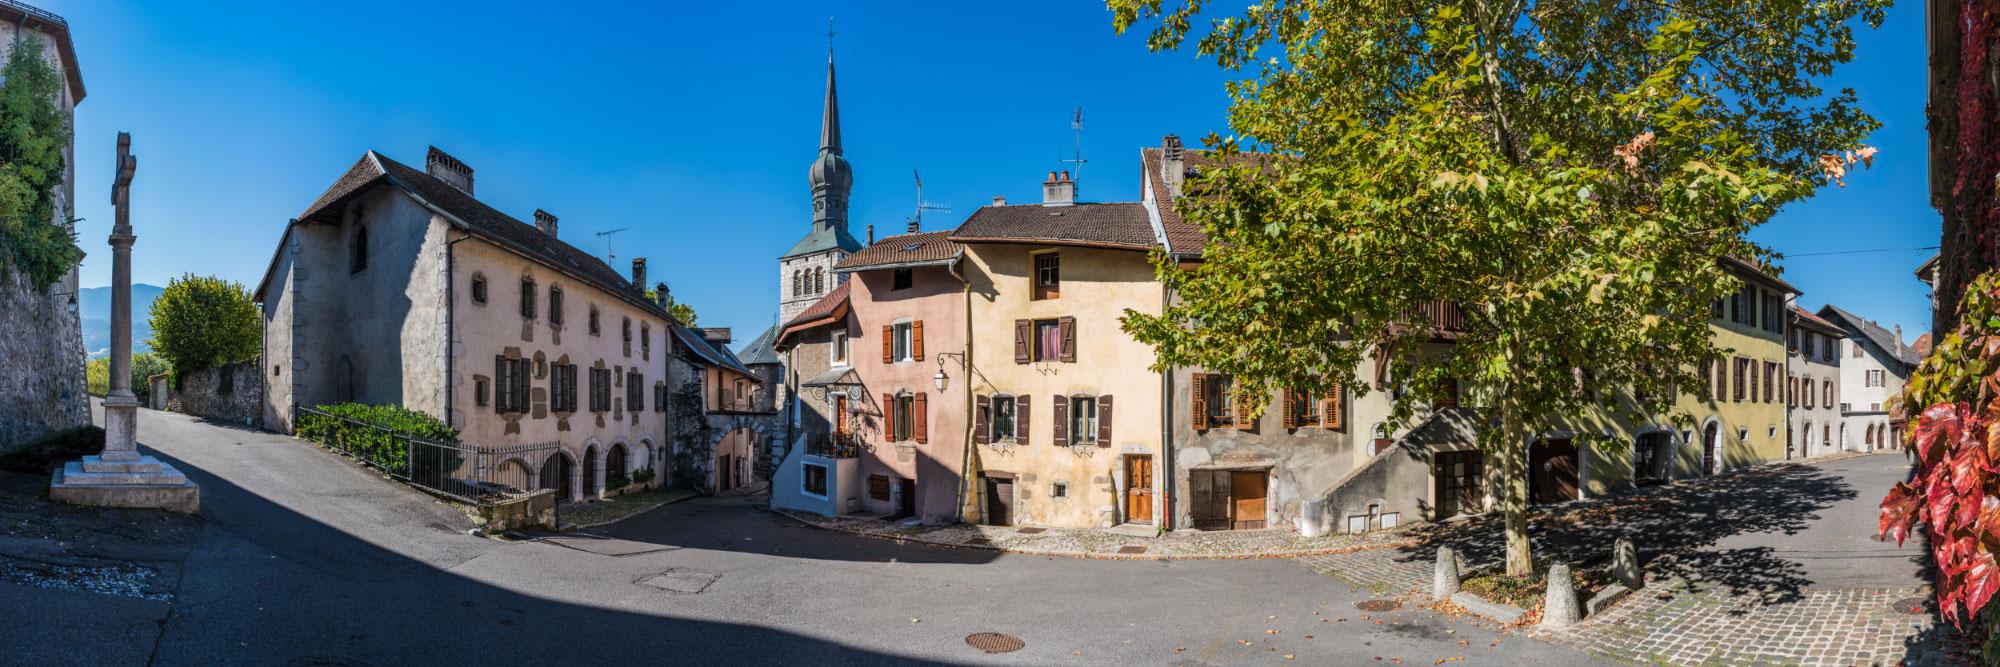 Cité médiévale de La-Roche-sur-Foron